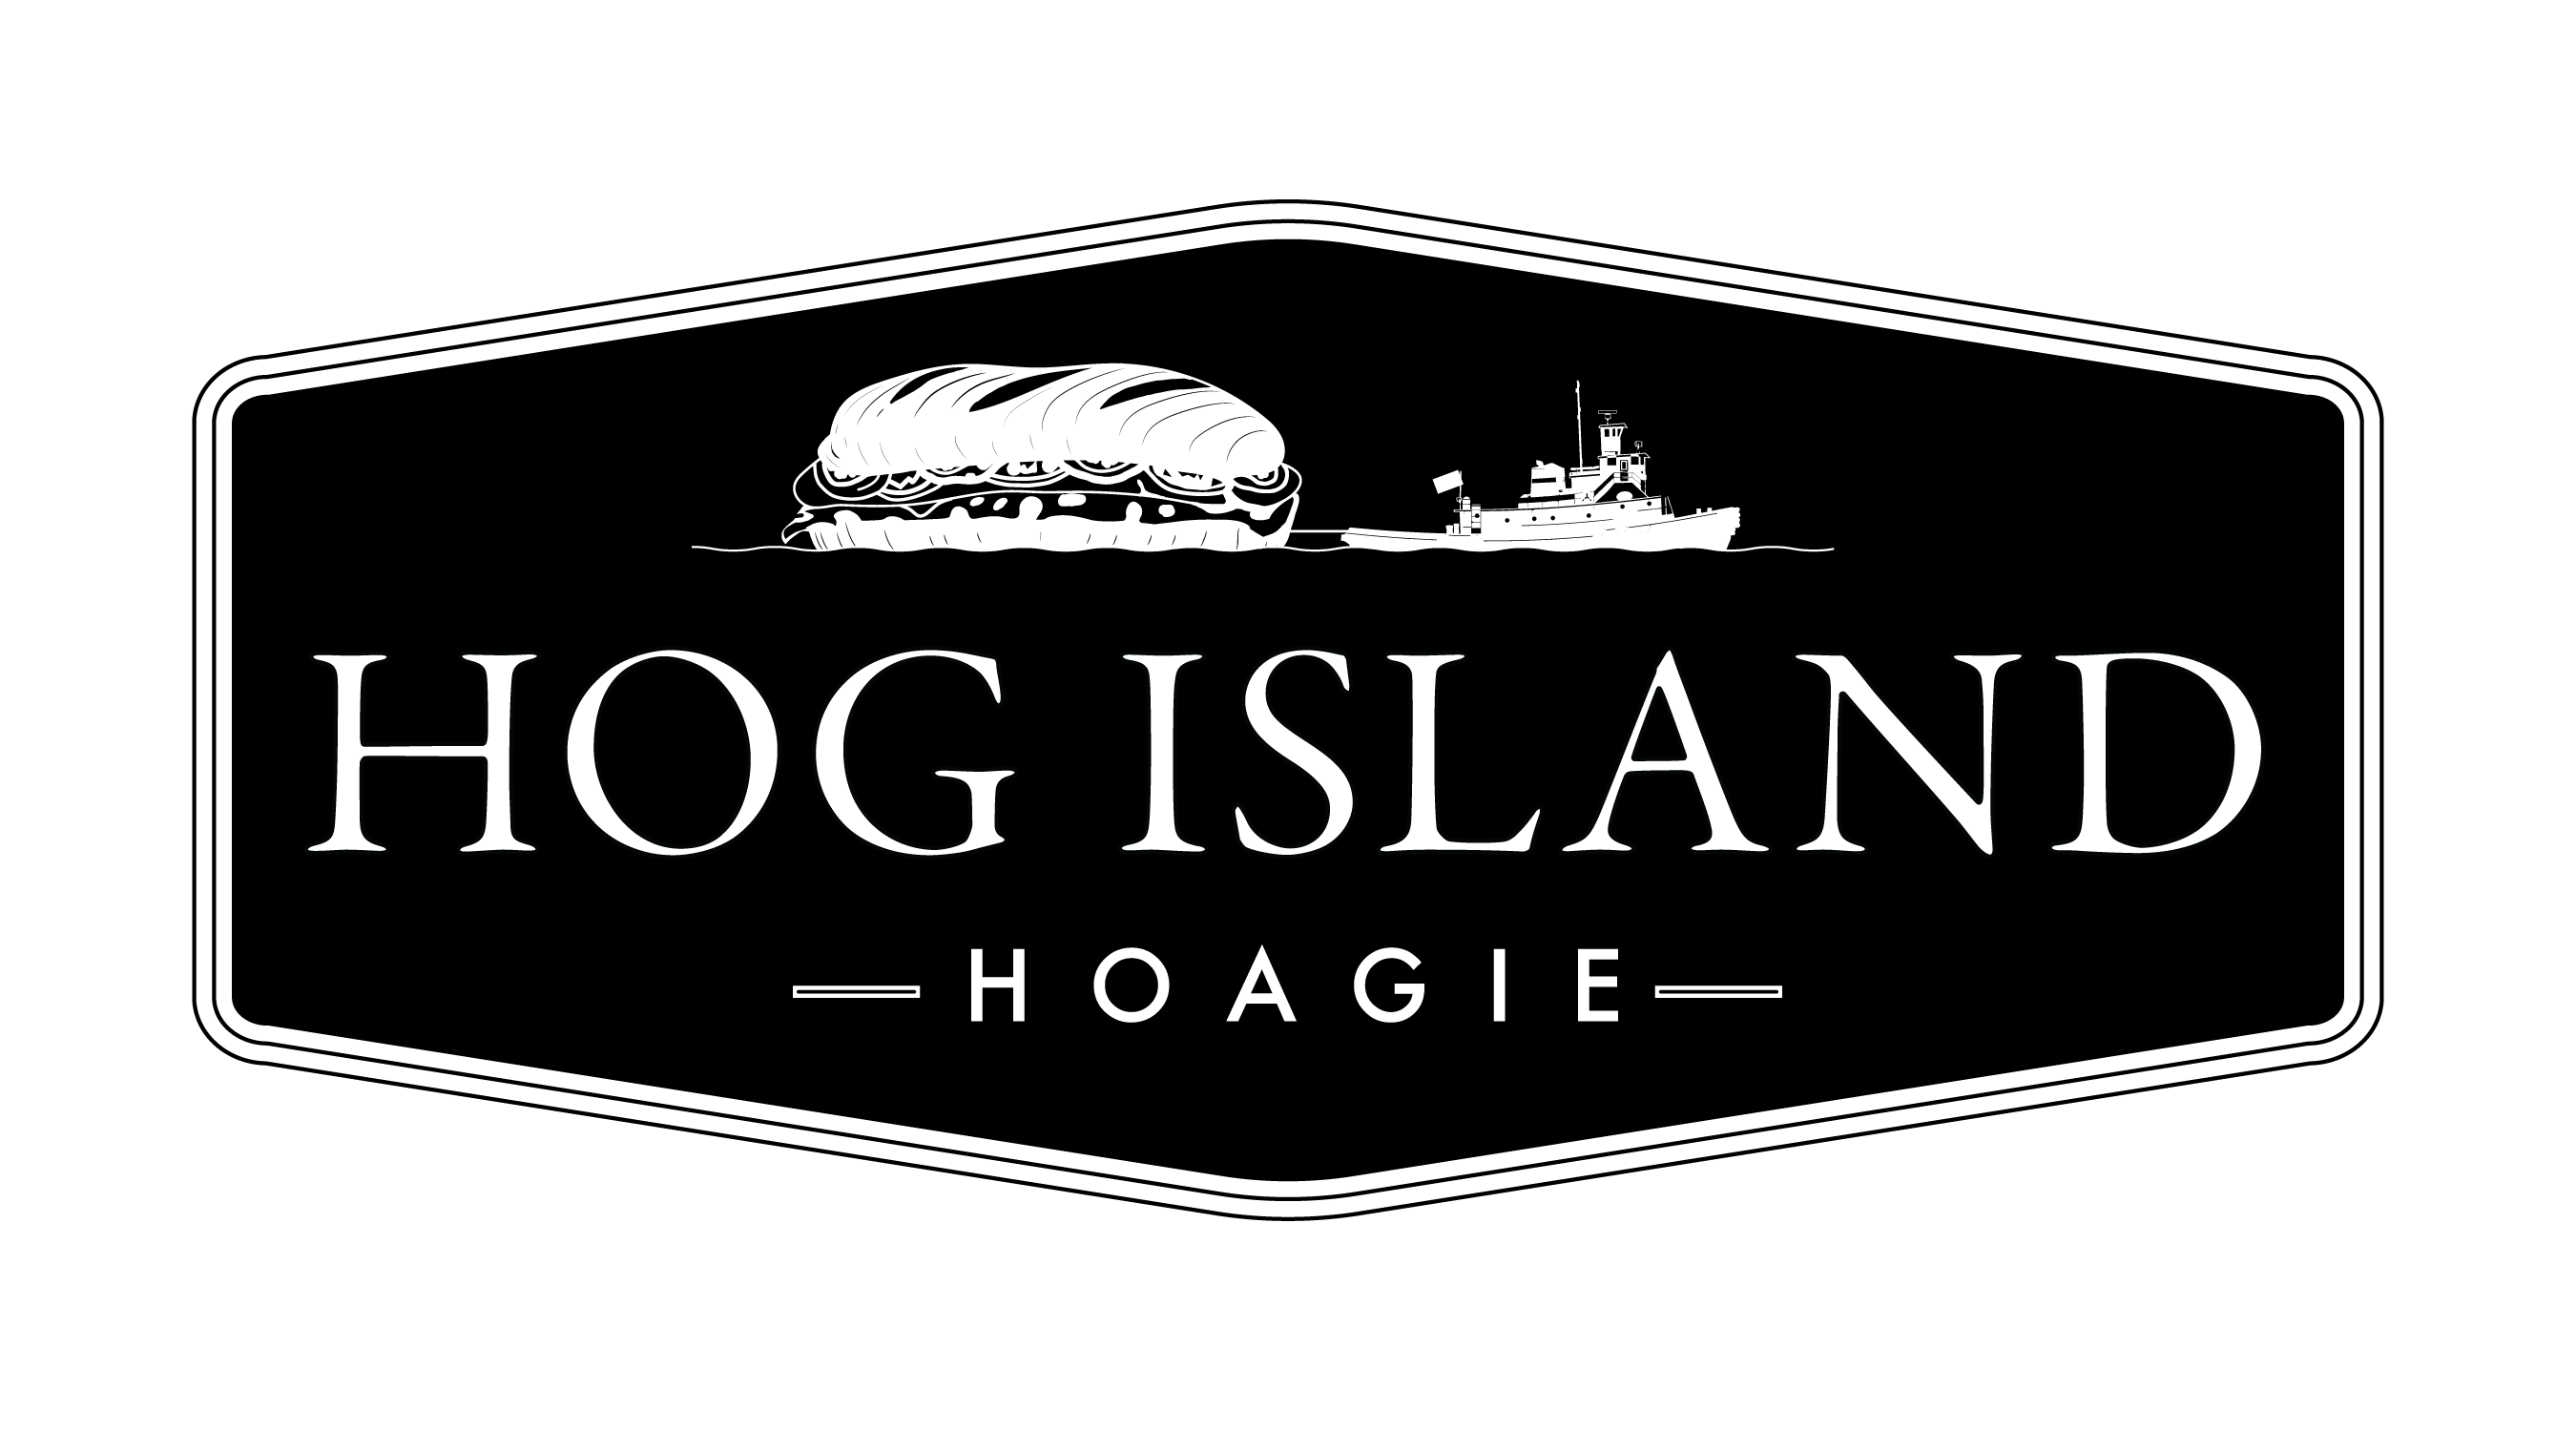 Hog Island Hoagie